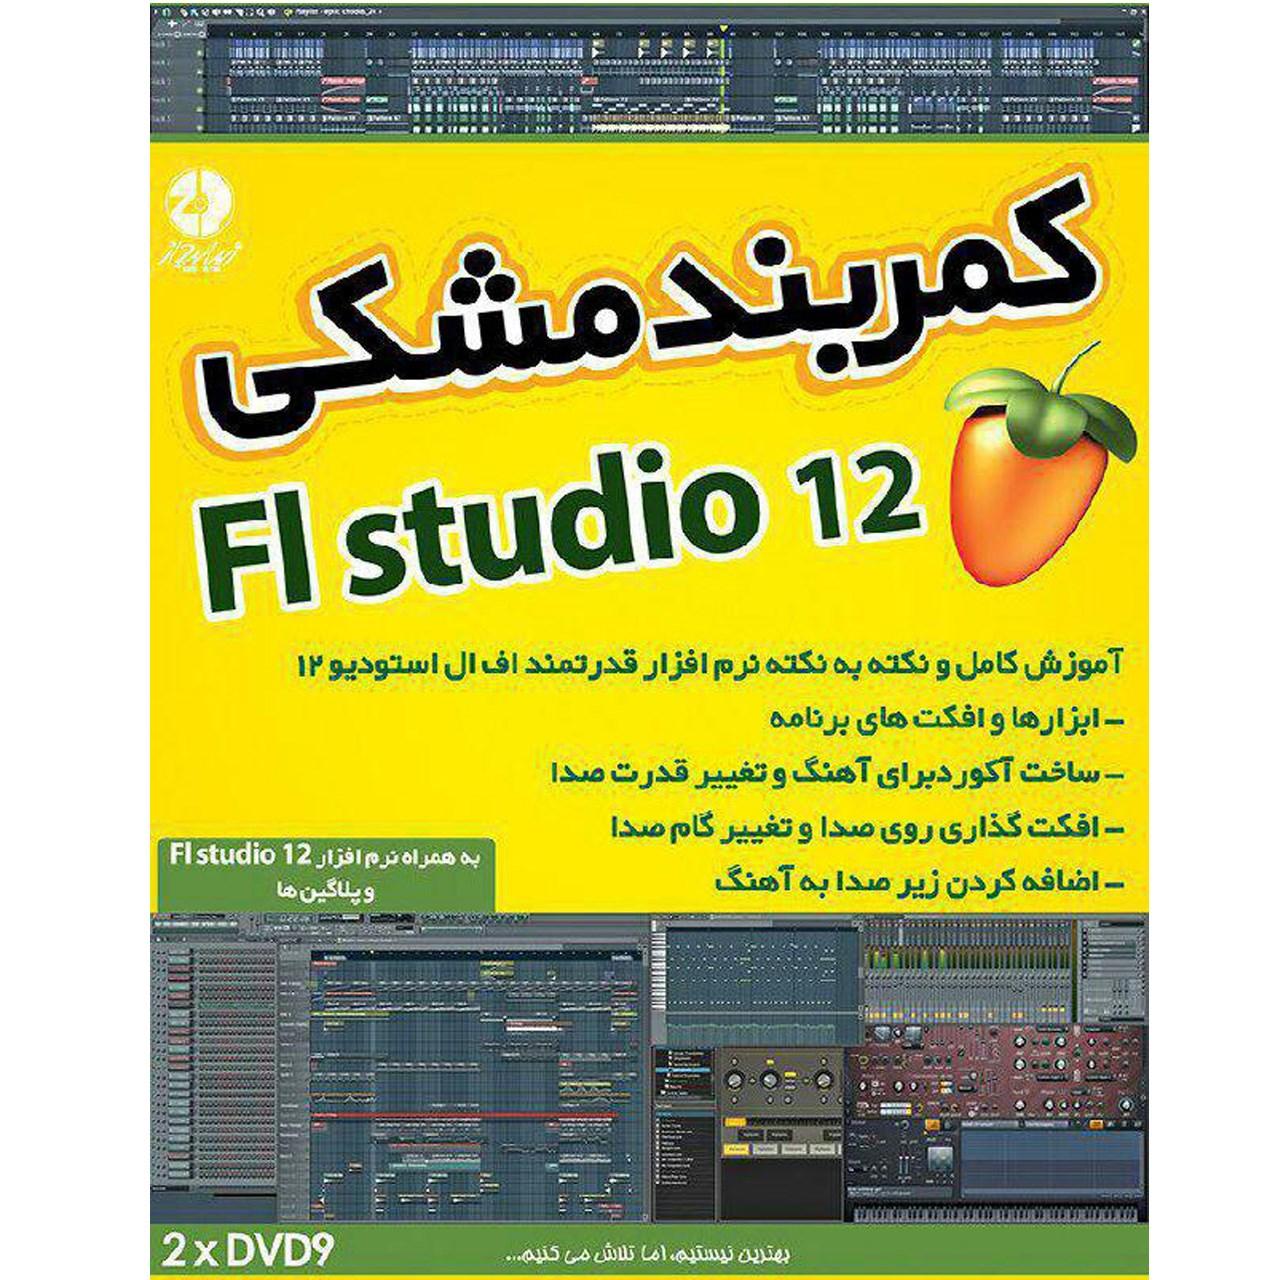 آموزش جامع برنامه FI Studio نشر زیباپرداز